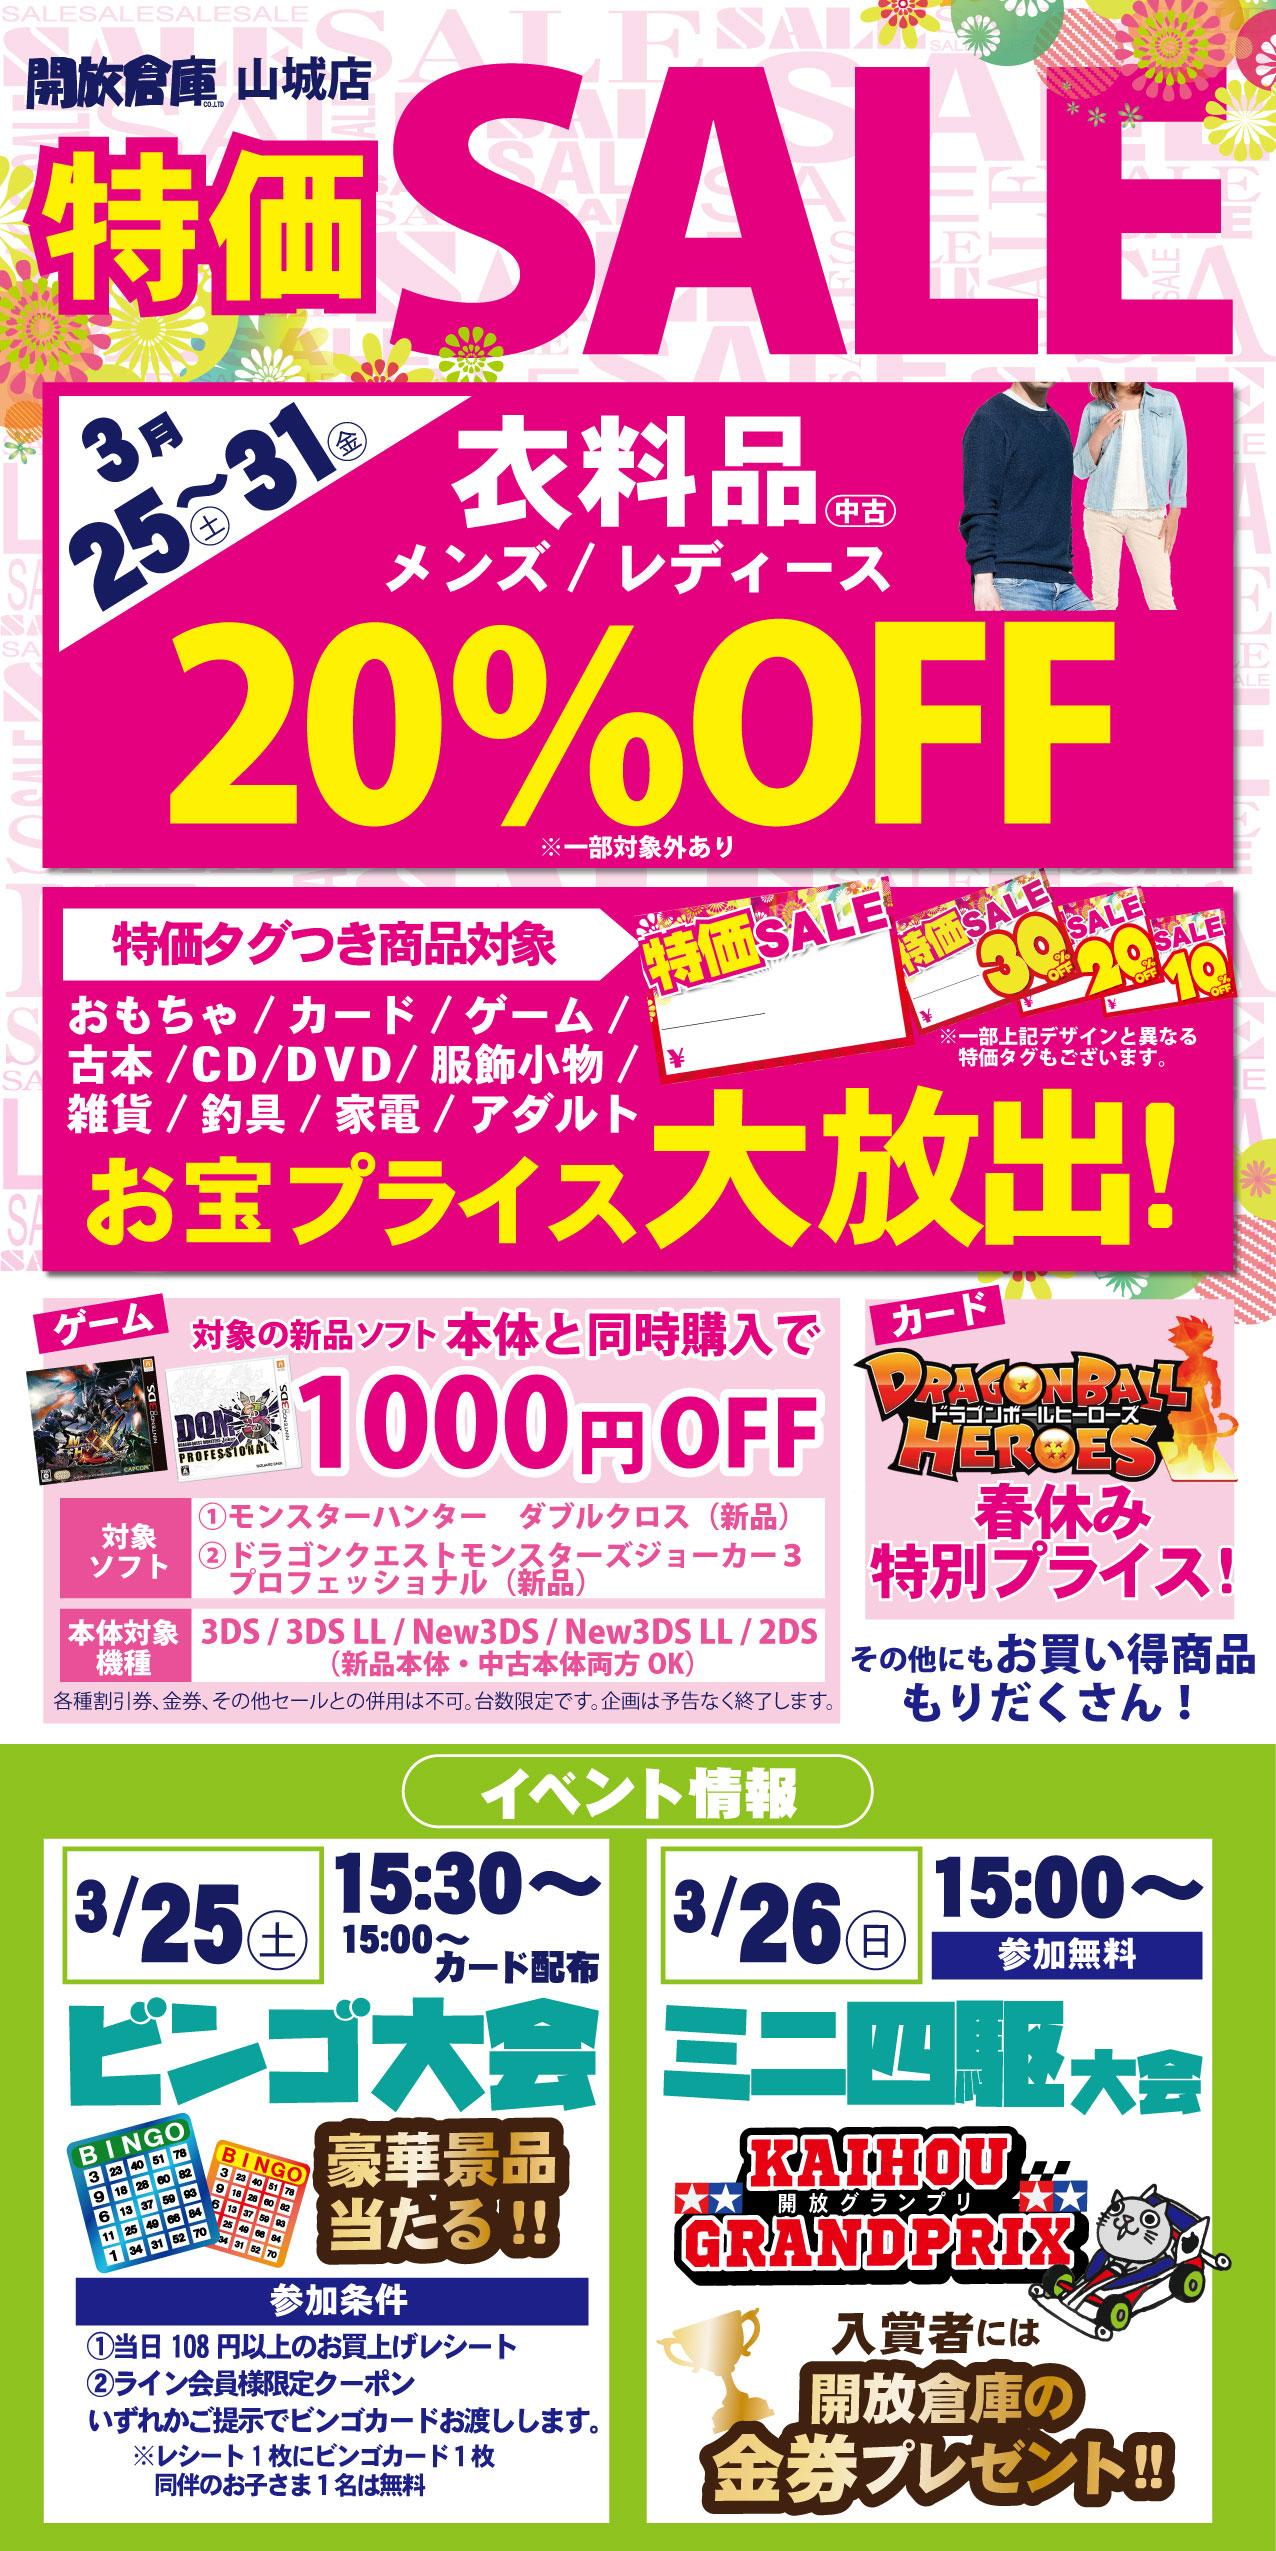 「開放倉庫山城店」2017年3月25日(土)~31日の6日間SALE!!&週末イベント情報!!